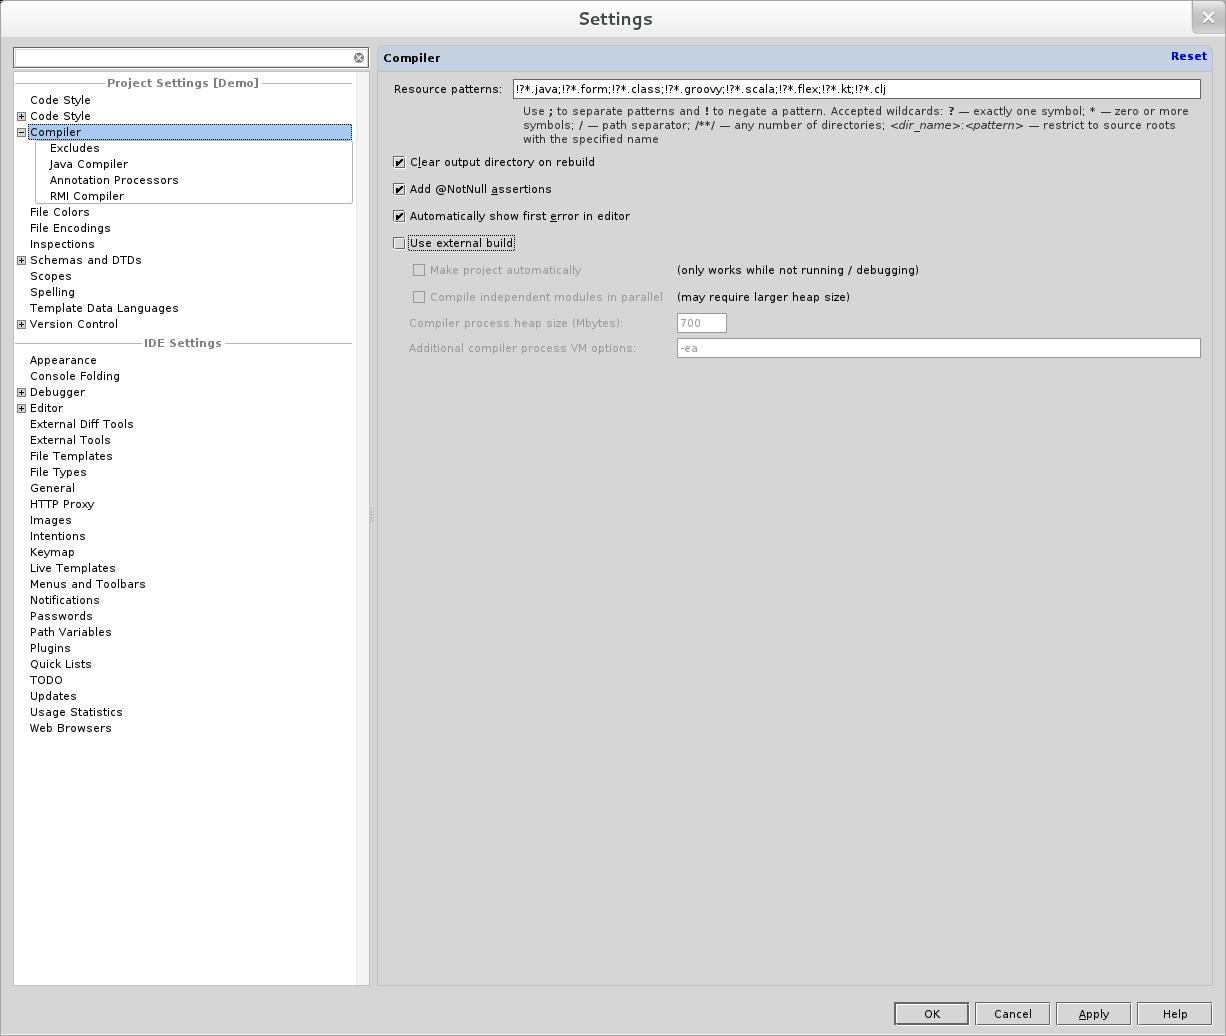 Bildschirmfoto am 2013-02-16 01:49:43.png